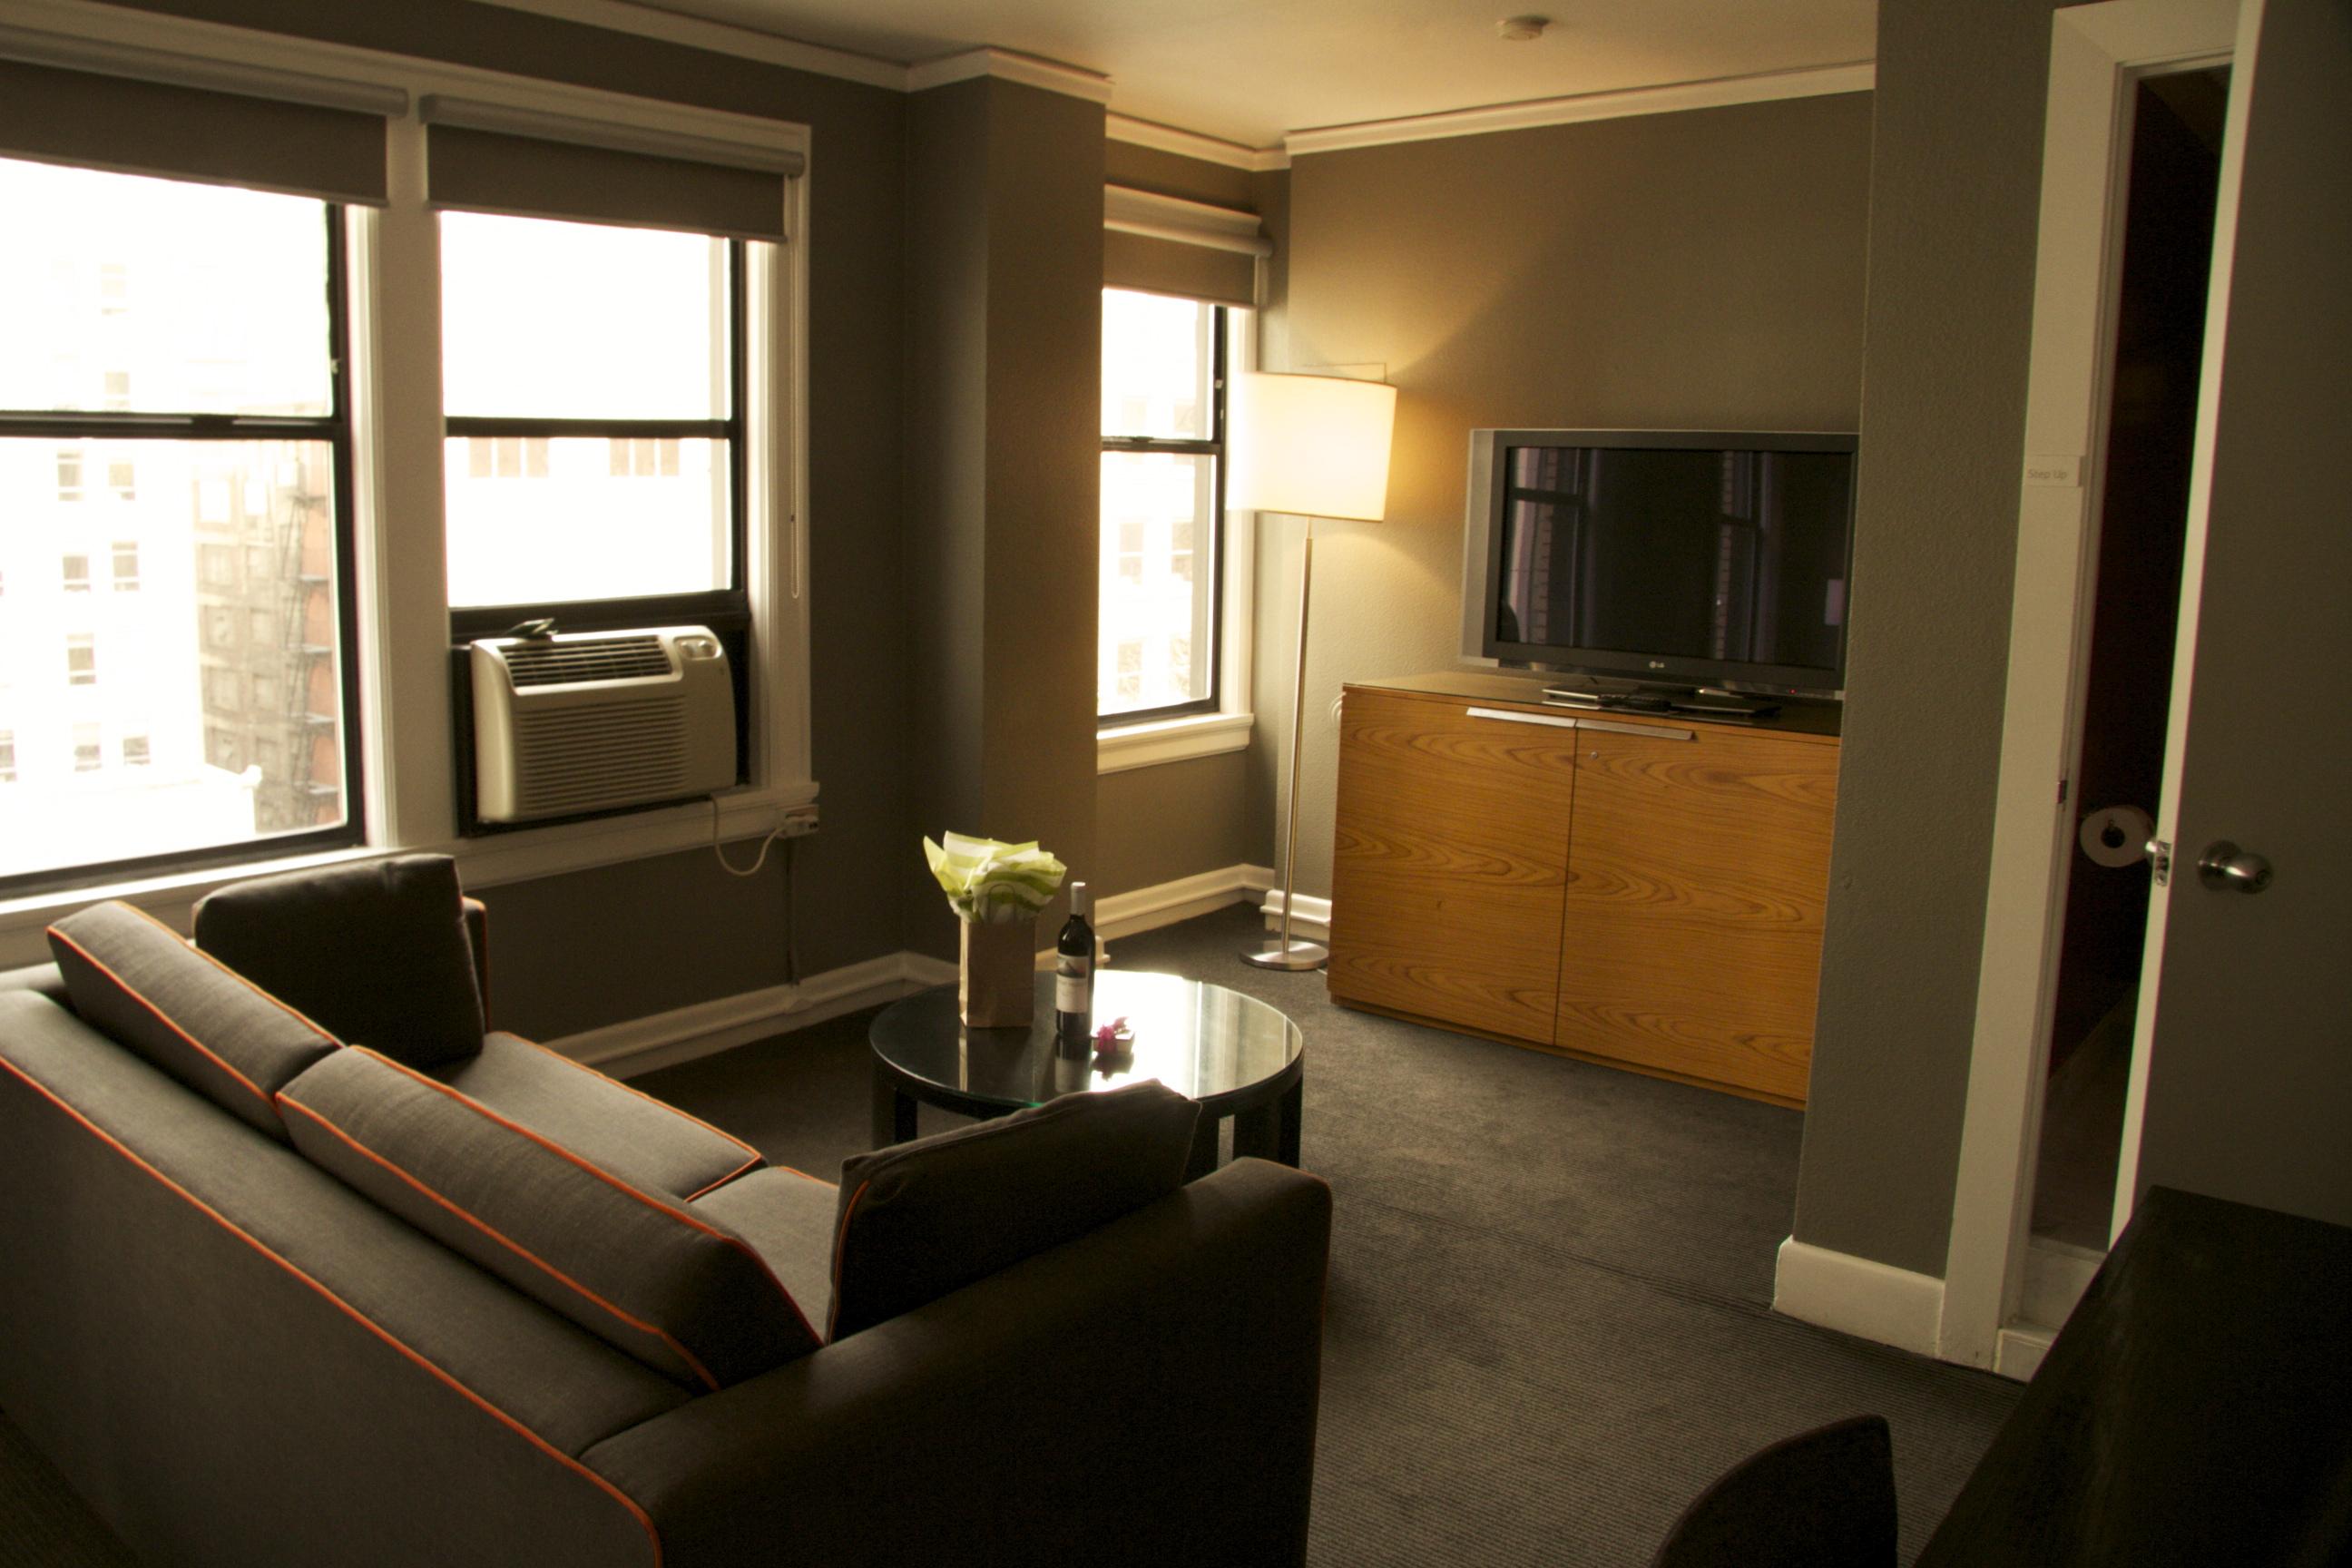 Hotel Max Suite 816